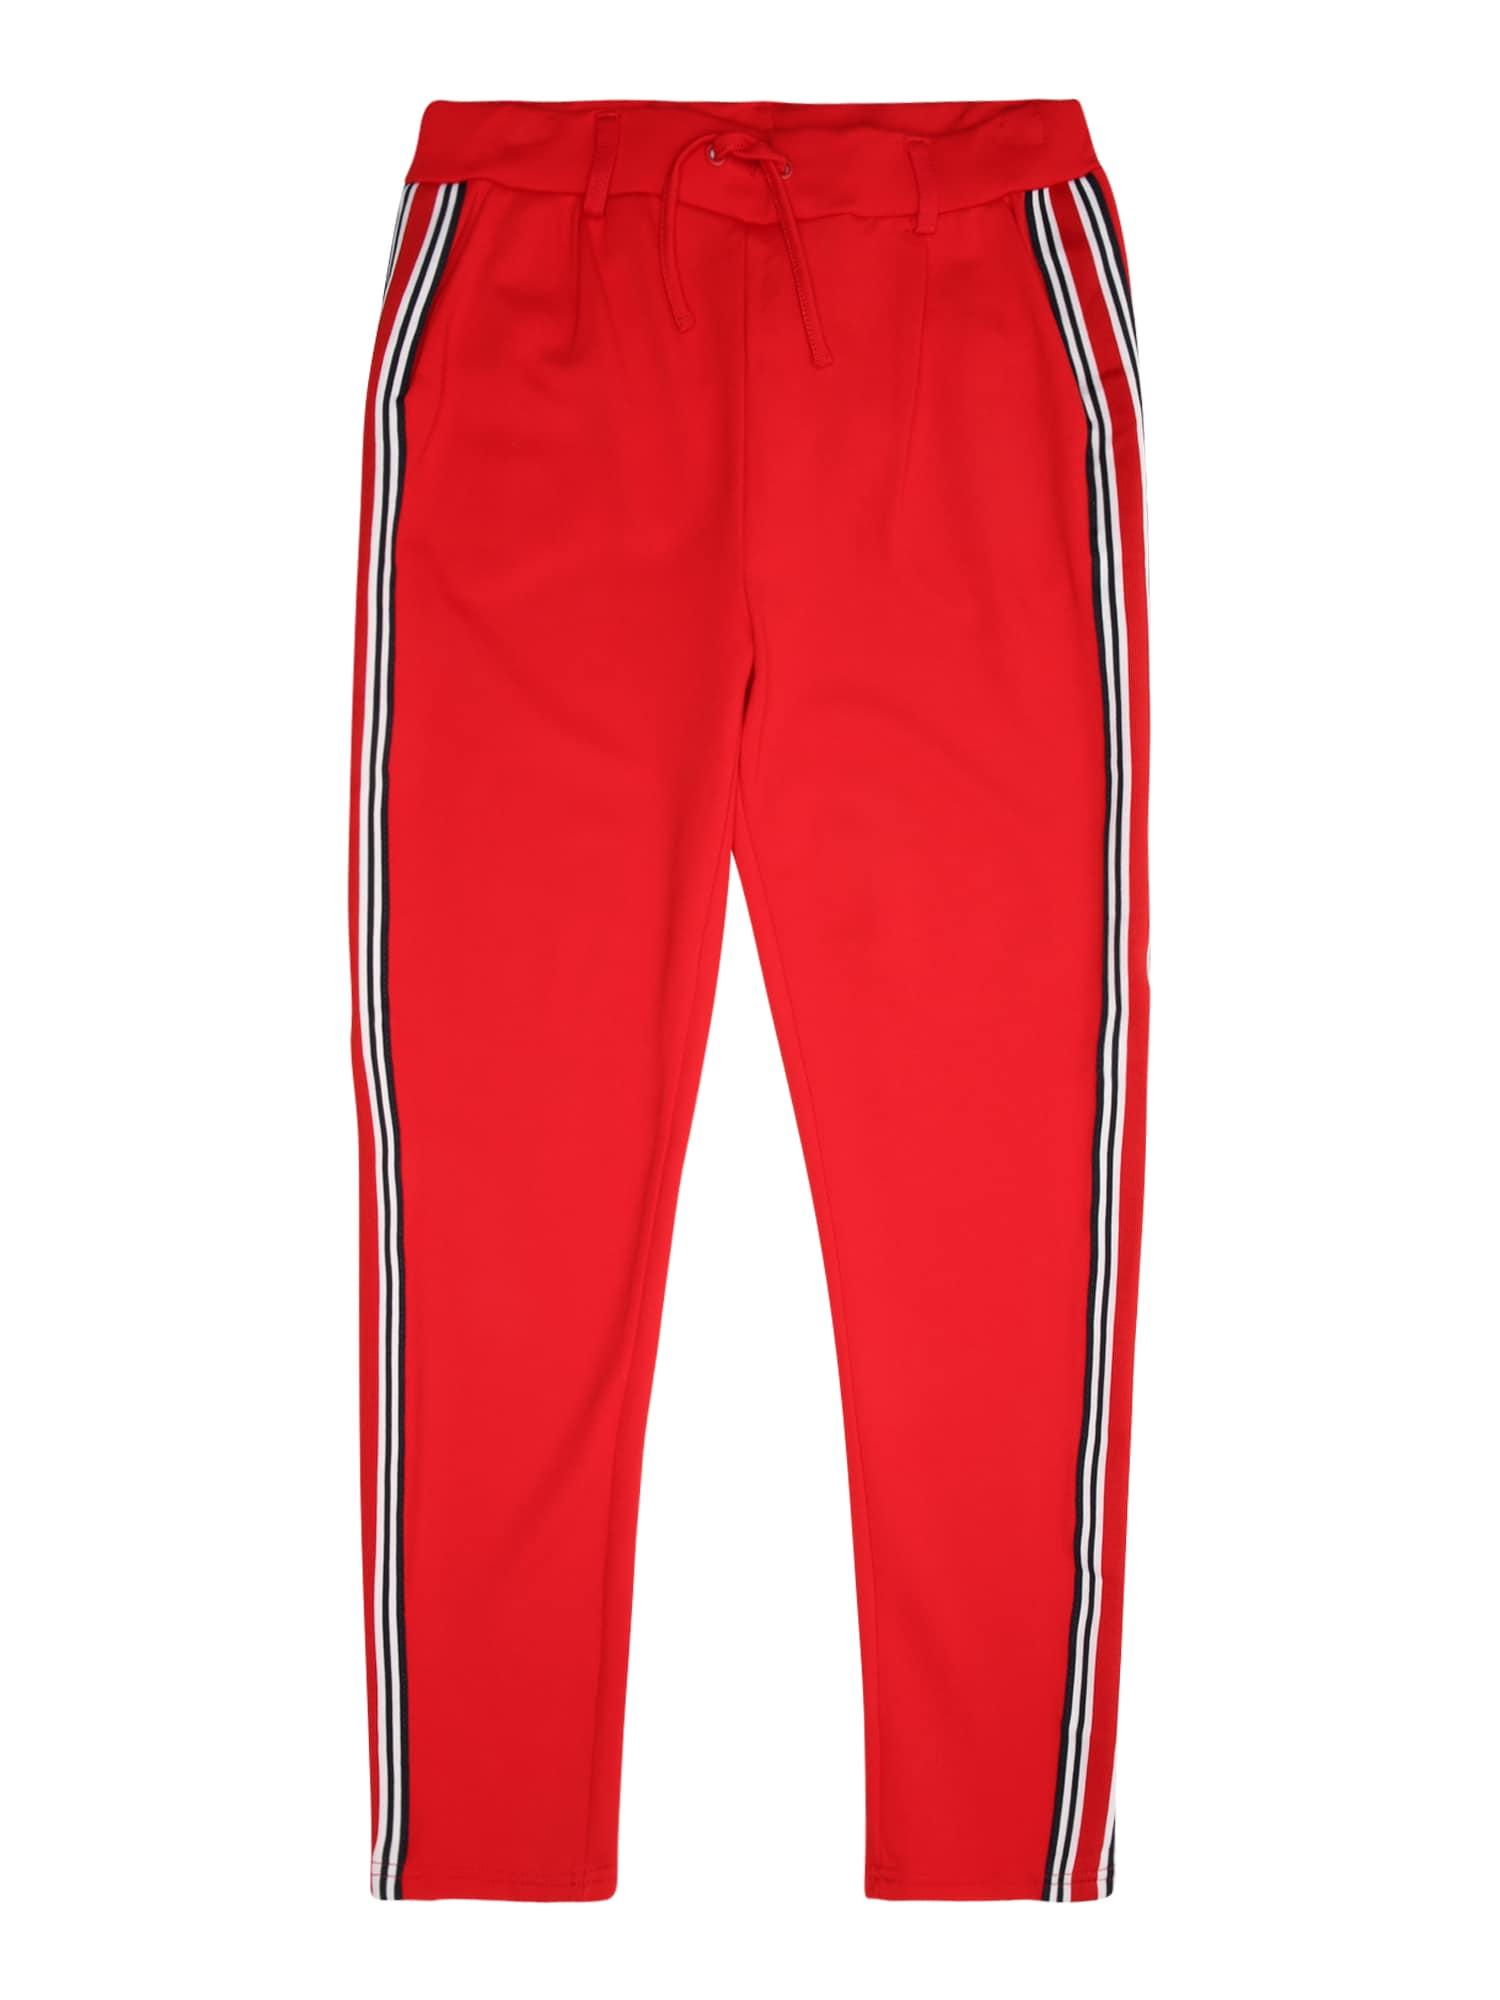 Kalhoty LMTD červená černá bílá NAME IT